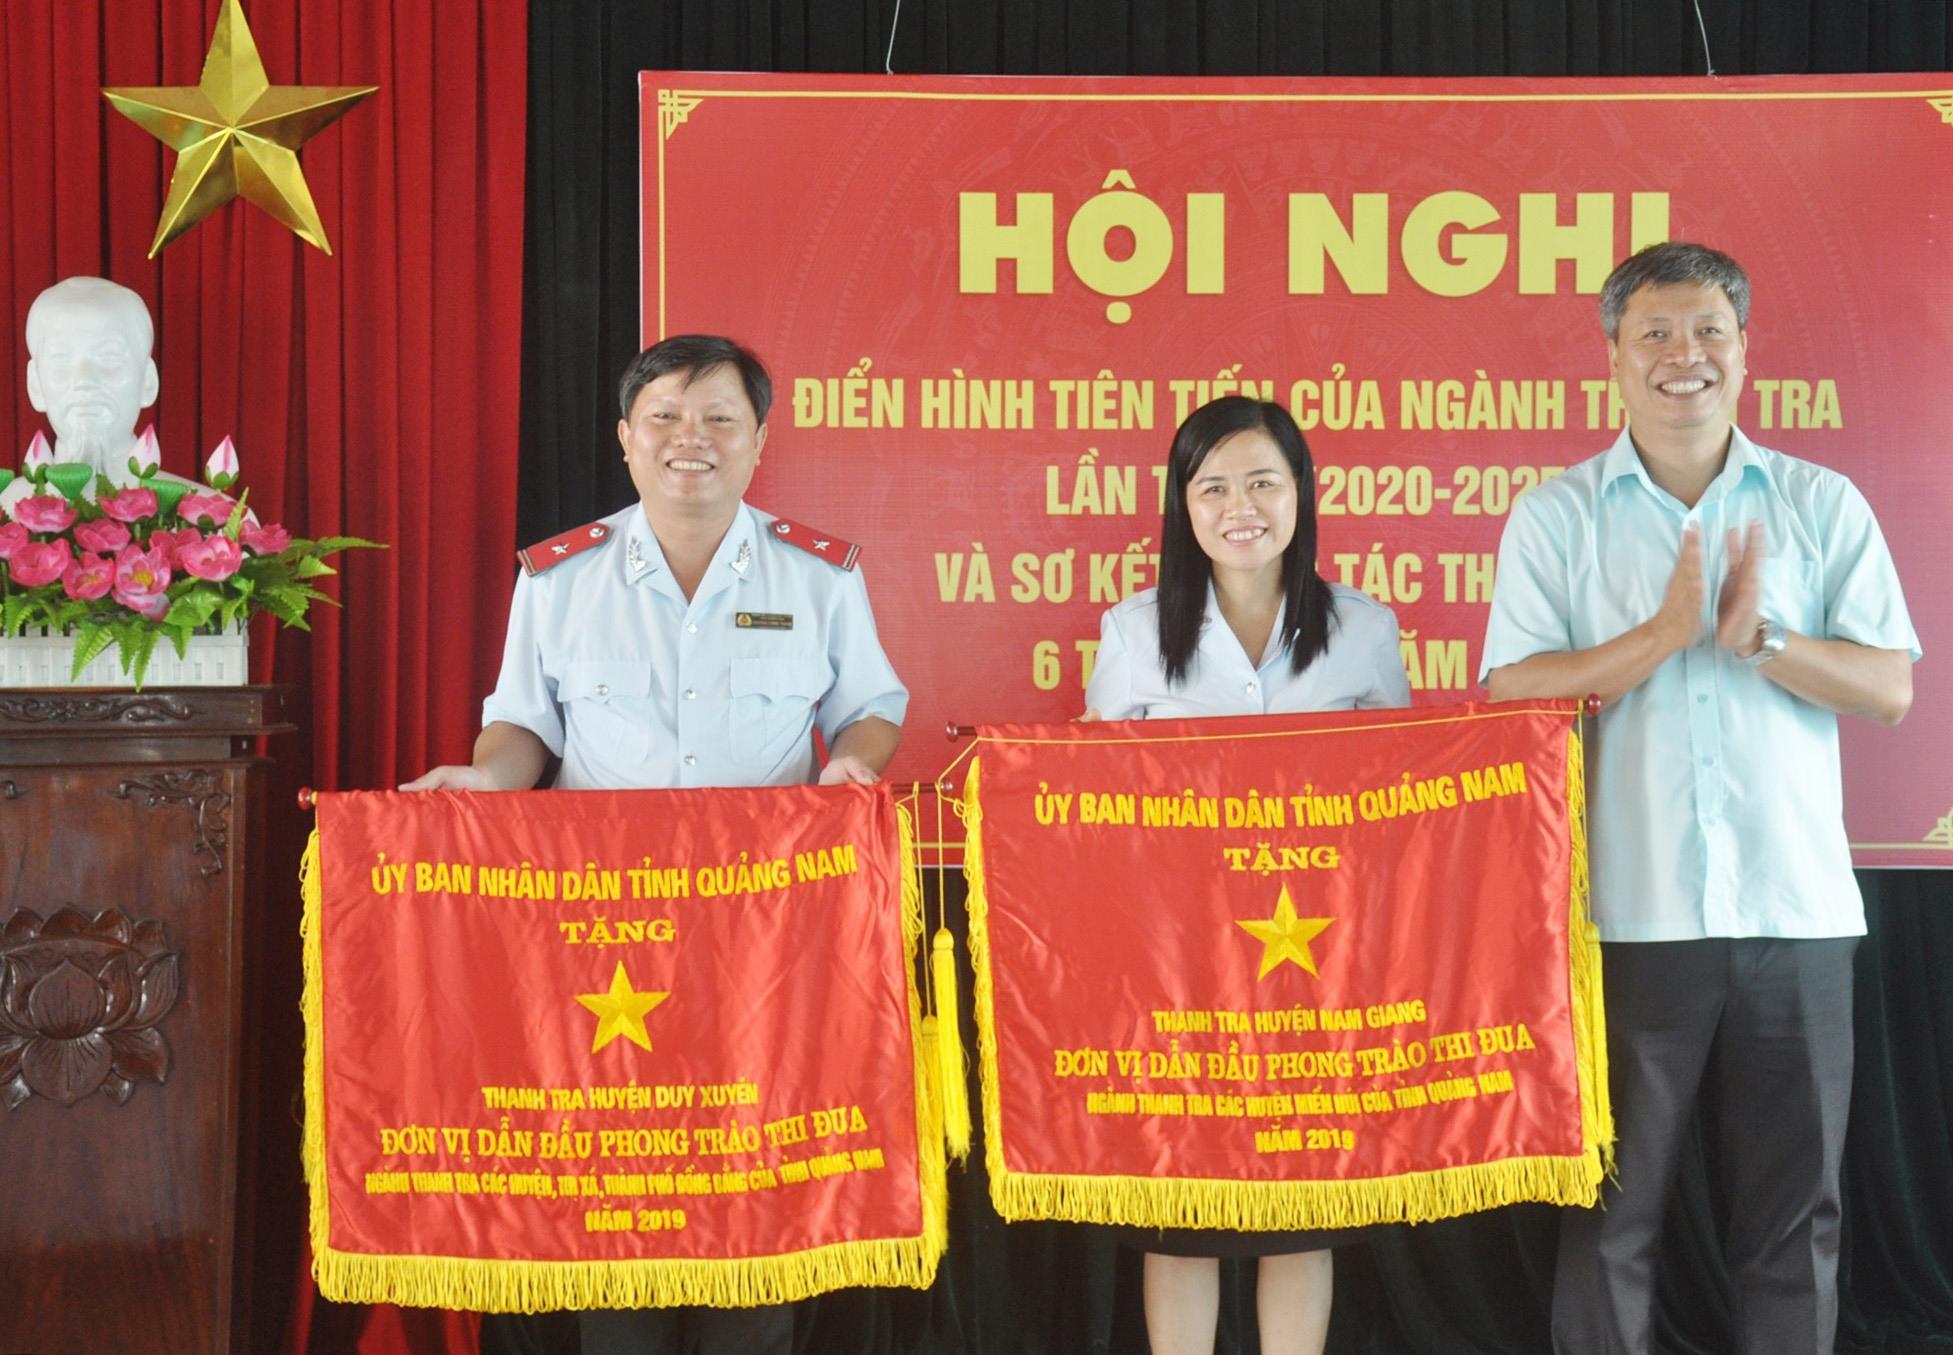 Phó Chủ tịch UBND tỉnh Hồ Quang Bửu tặng Cờ thi đua xuất sắc của UBND tỉnh cho Thanh tra huyện Duy Xuyên và Nam Giang - hai đơn vị dẫn đầu phong trào thi đua khối các địa phương miền núi và đồng bằng năm 2019. Ảnh: N.Đ